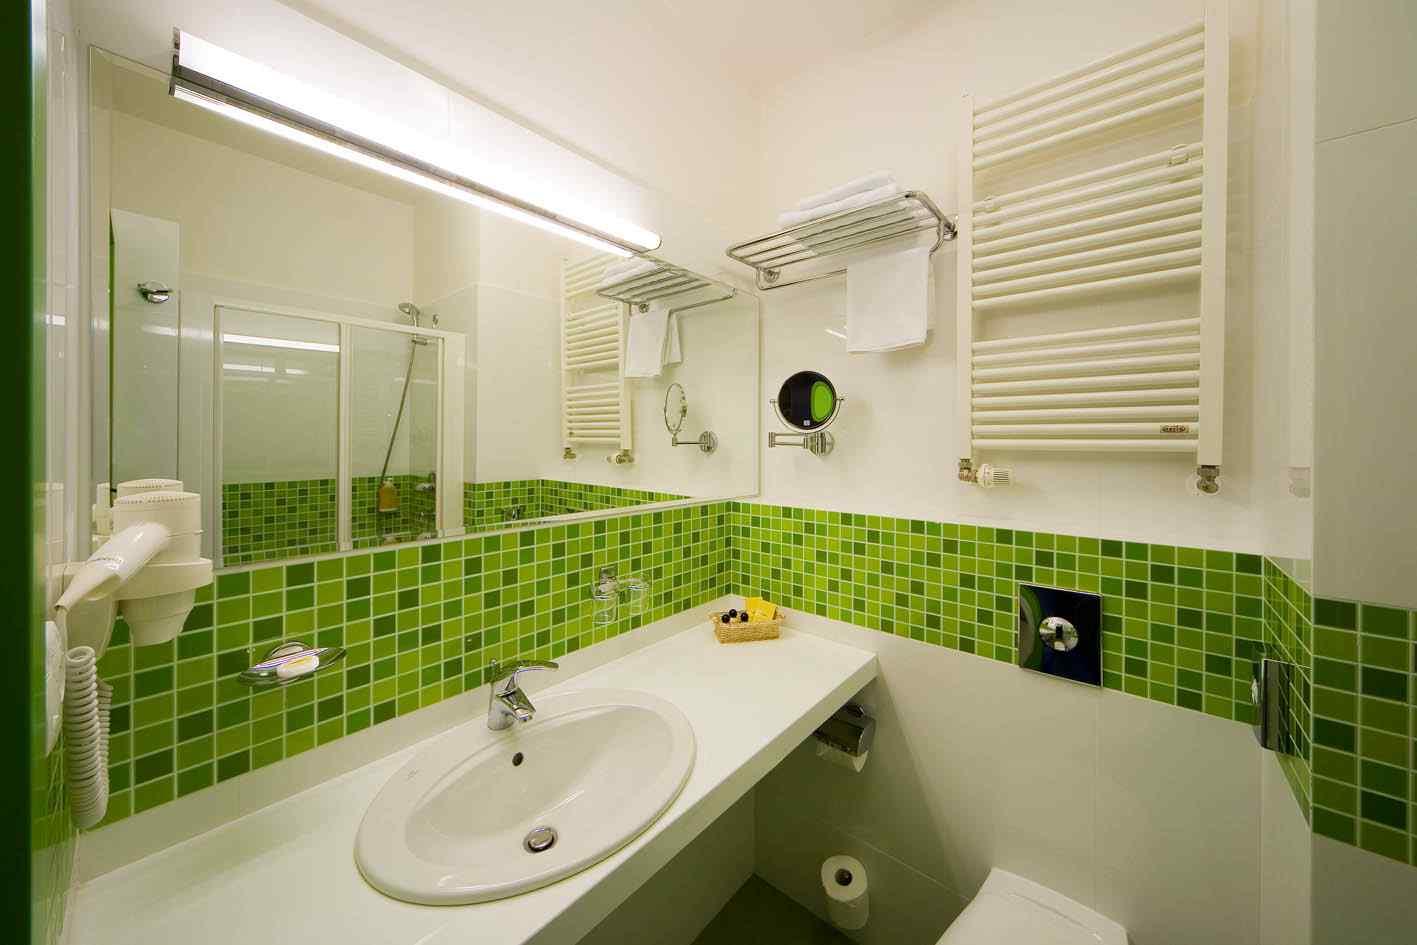 Ремонт в ванной в зеленом цвете